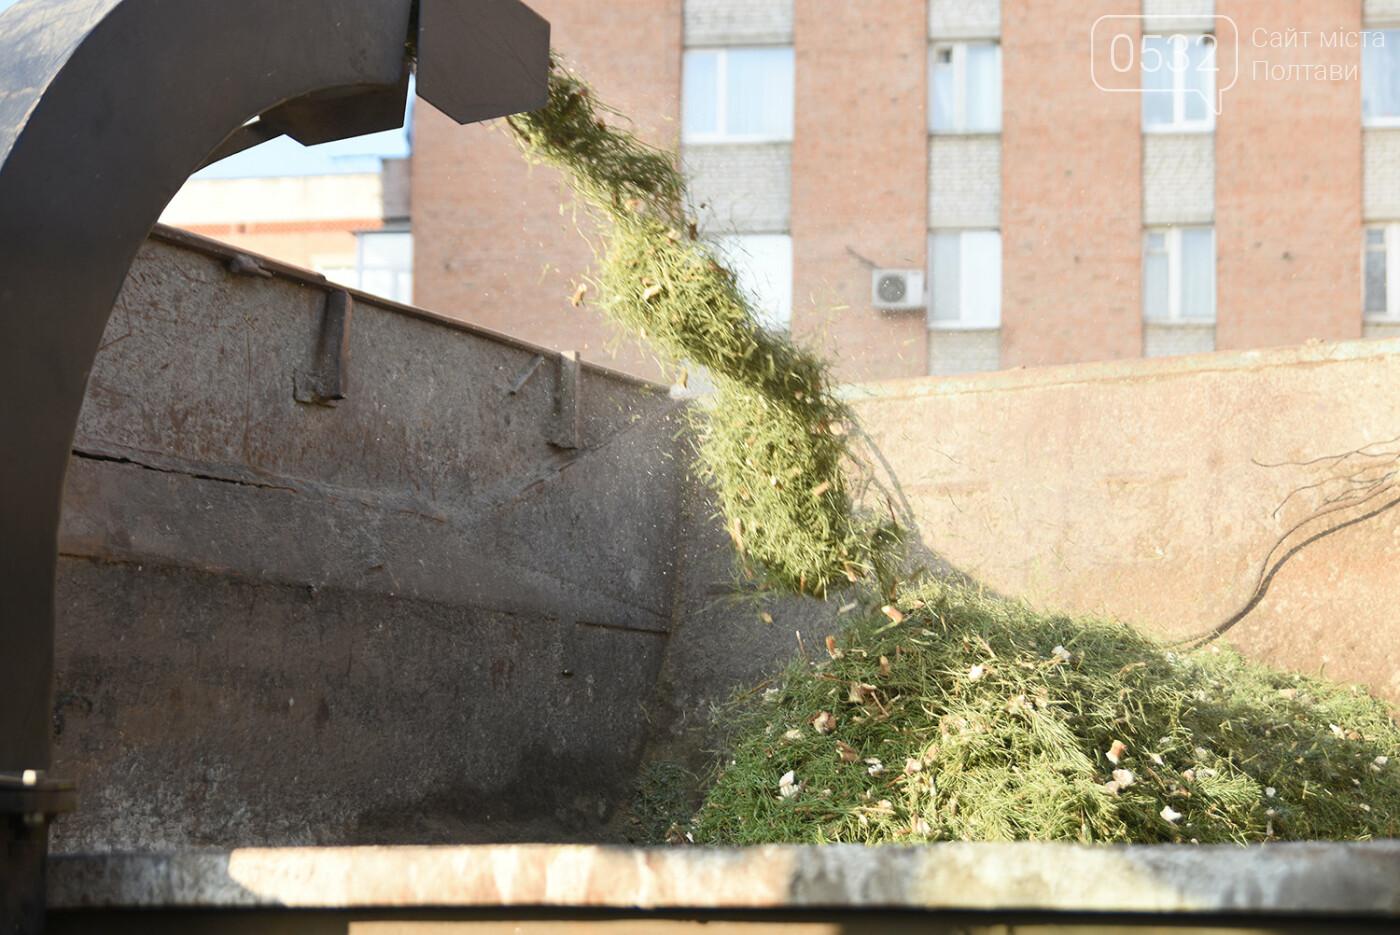 У Полтаві новорічні ялинки подрібнюють, щоб не завантажувати сміттєзвалище, фото-5